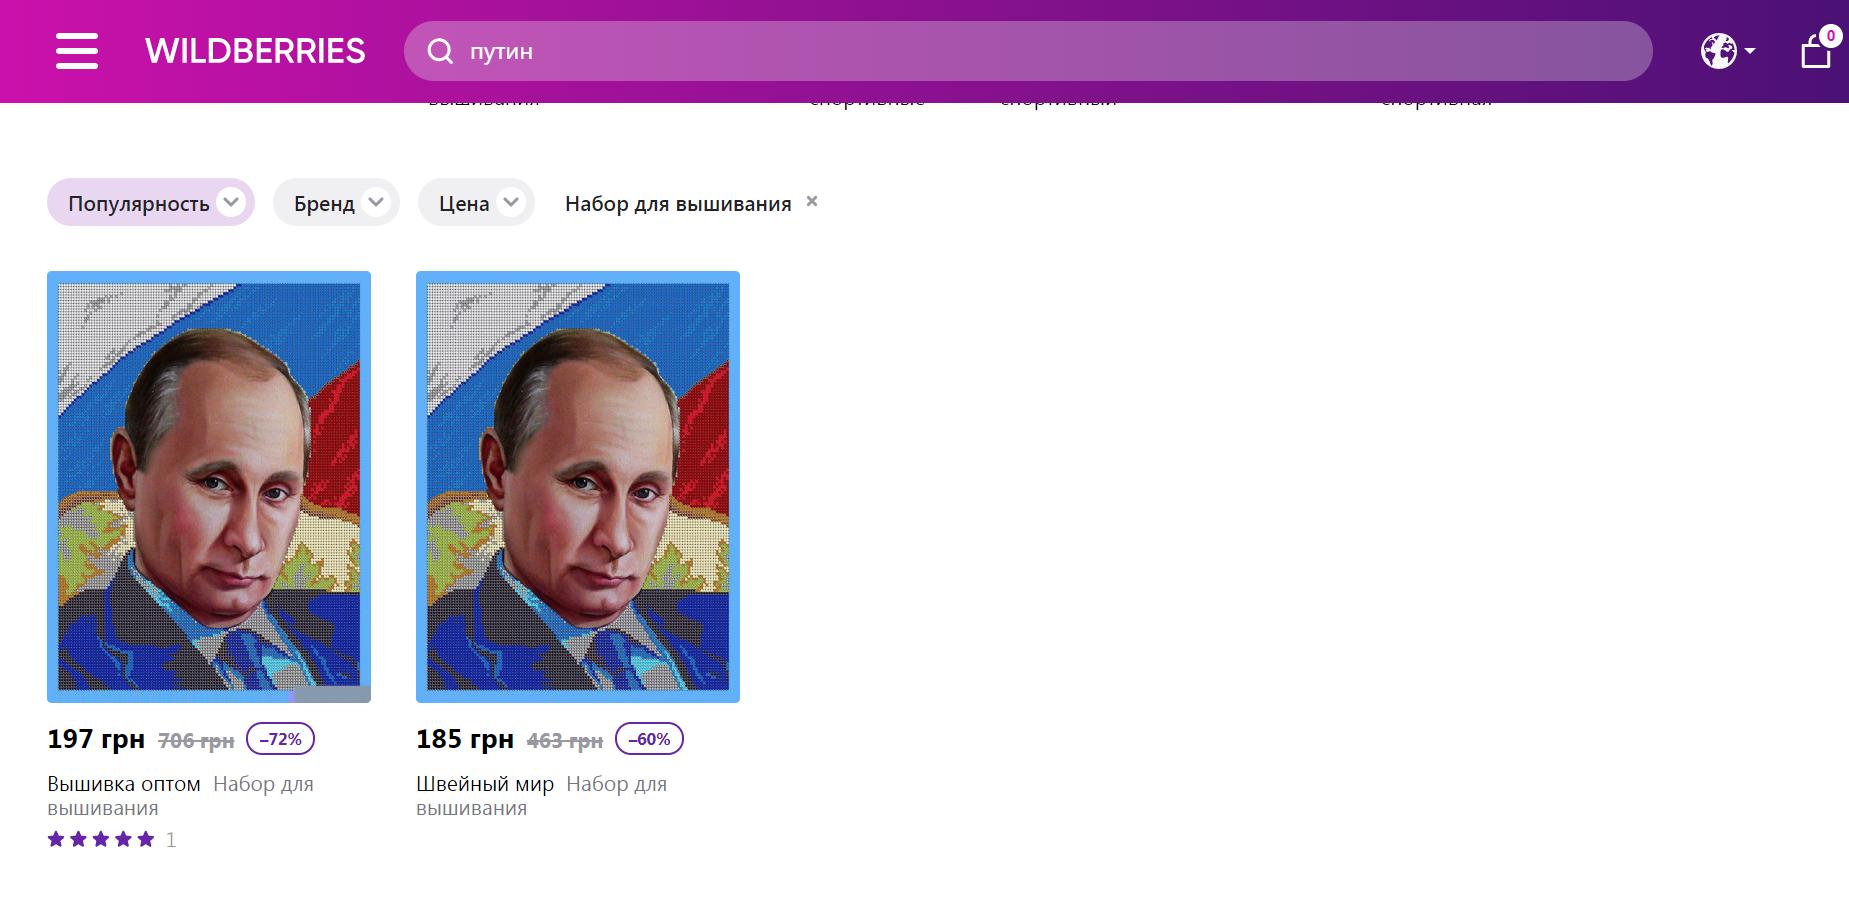 Набір для вишивання портрета Путіна.